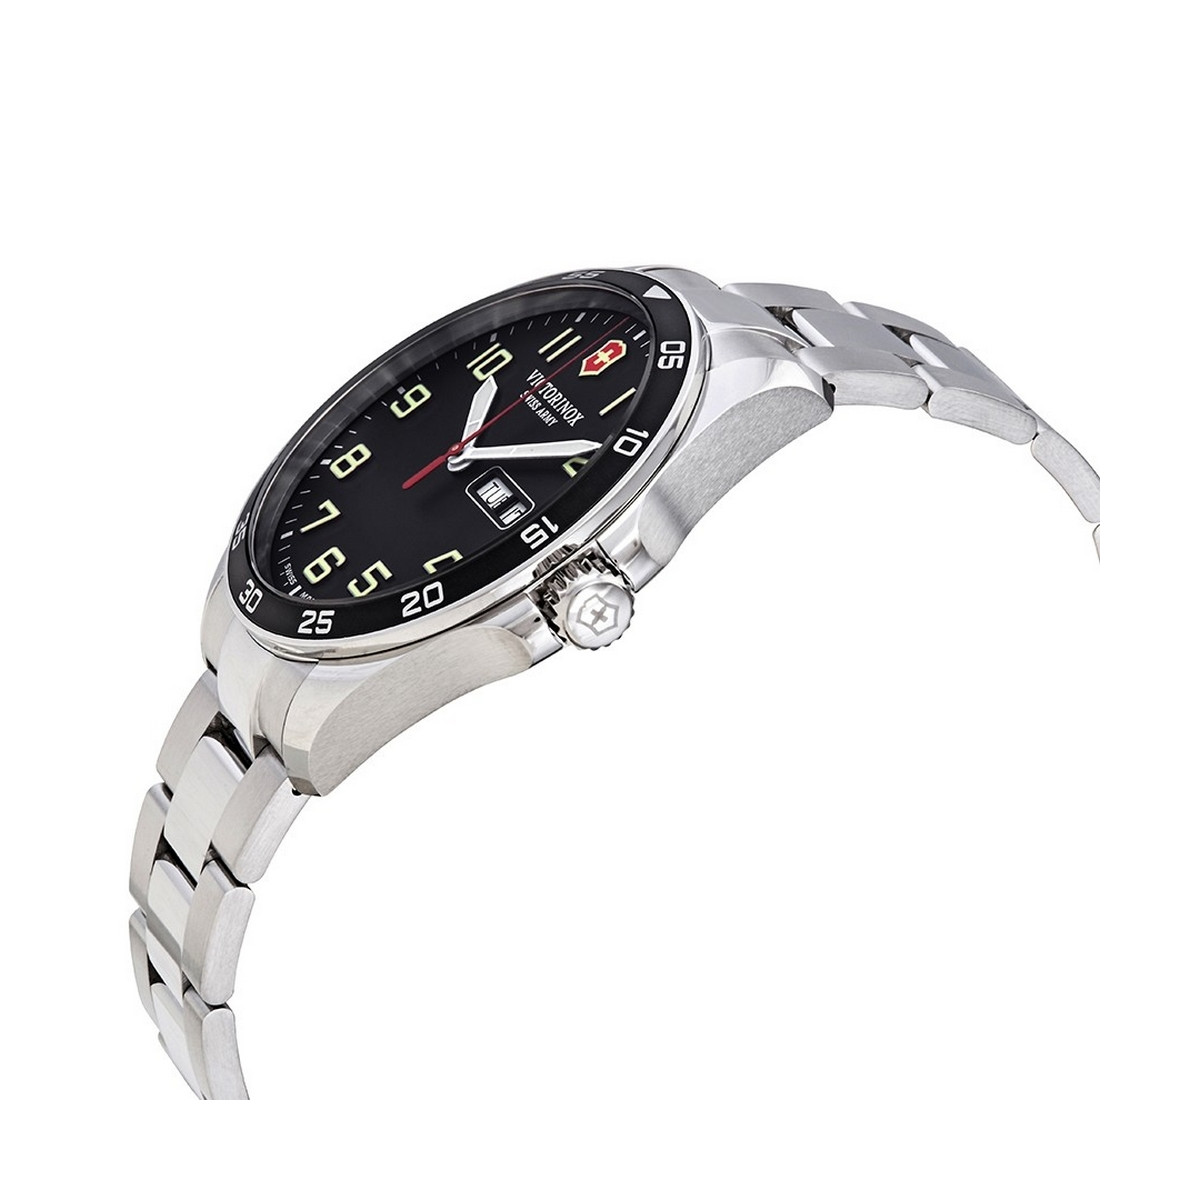 Montre Homme Victorinox FIELDFORCE, boîtier acier inoxydable, bracelet acier inoxydable - 42 mm